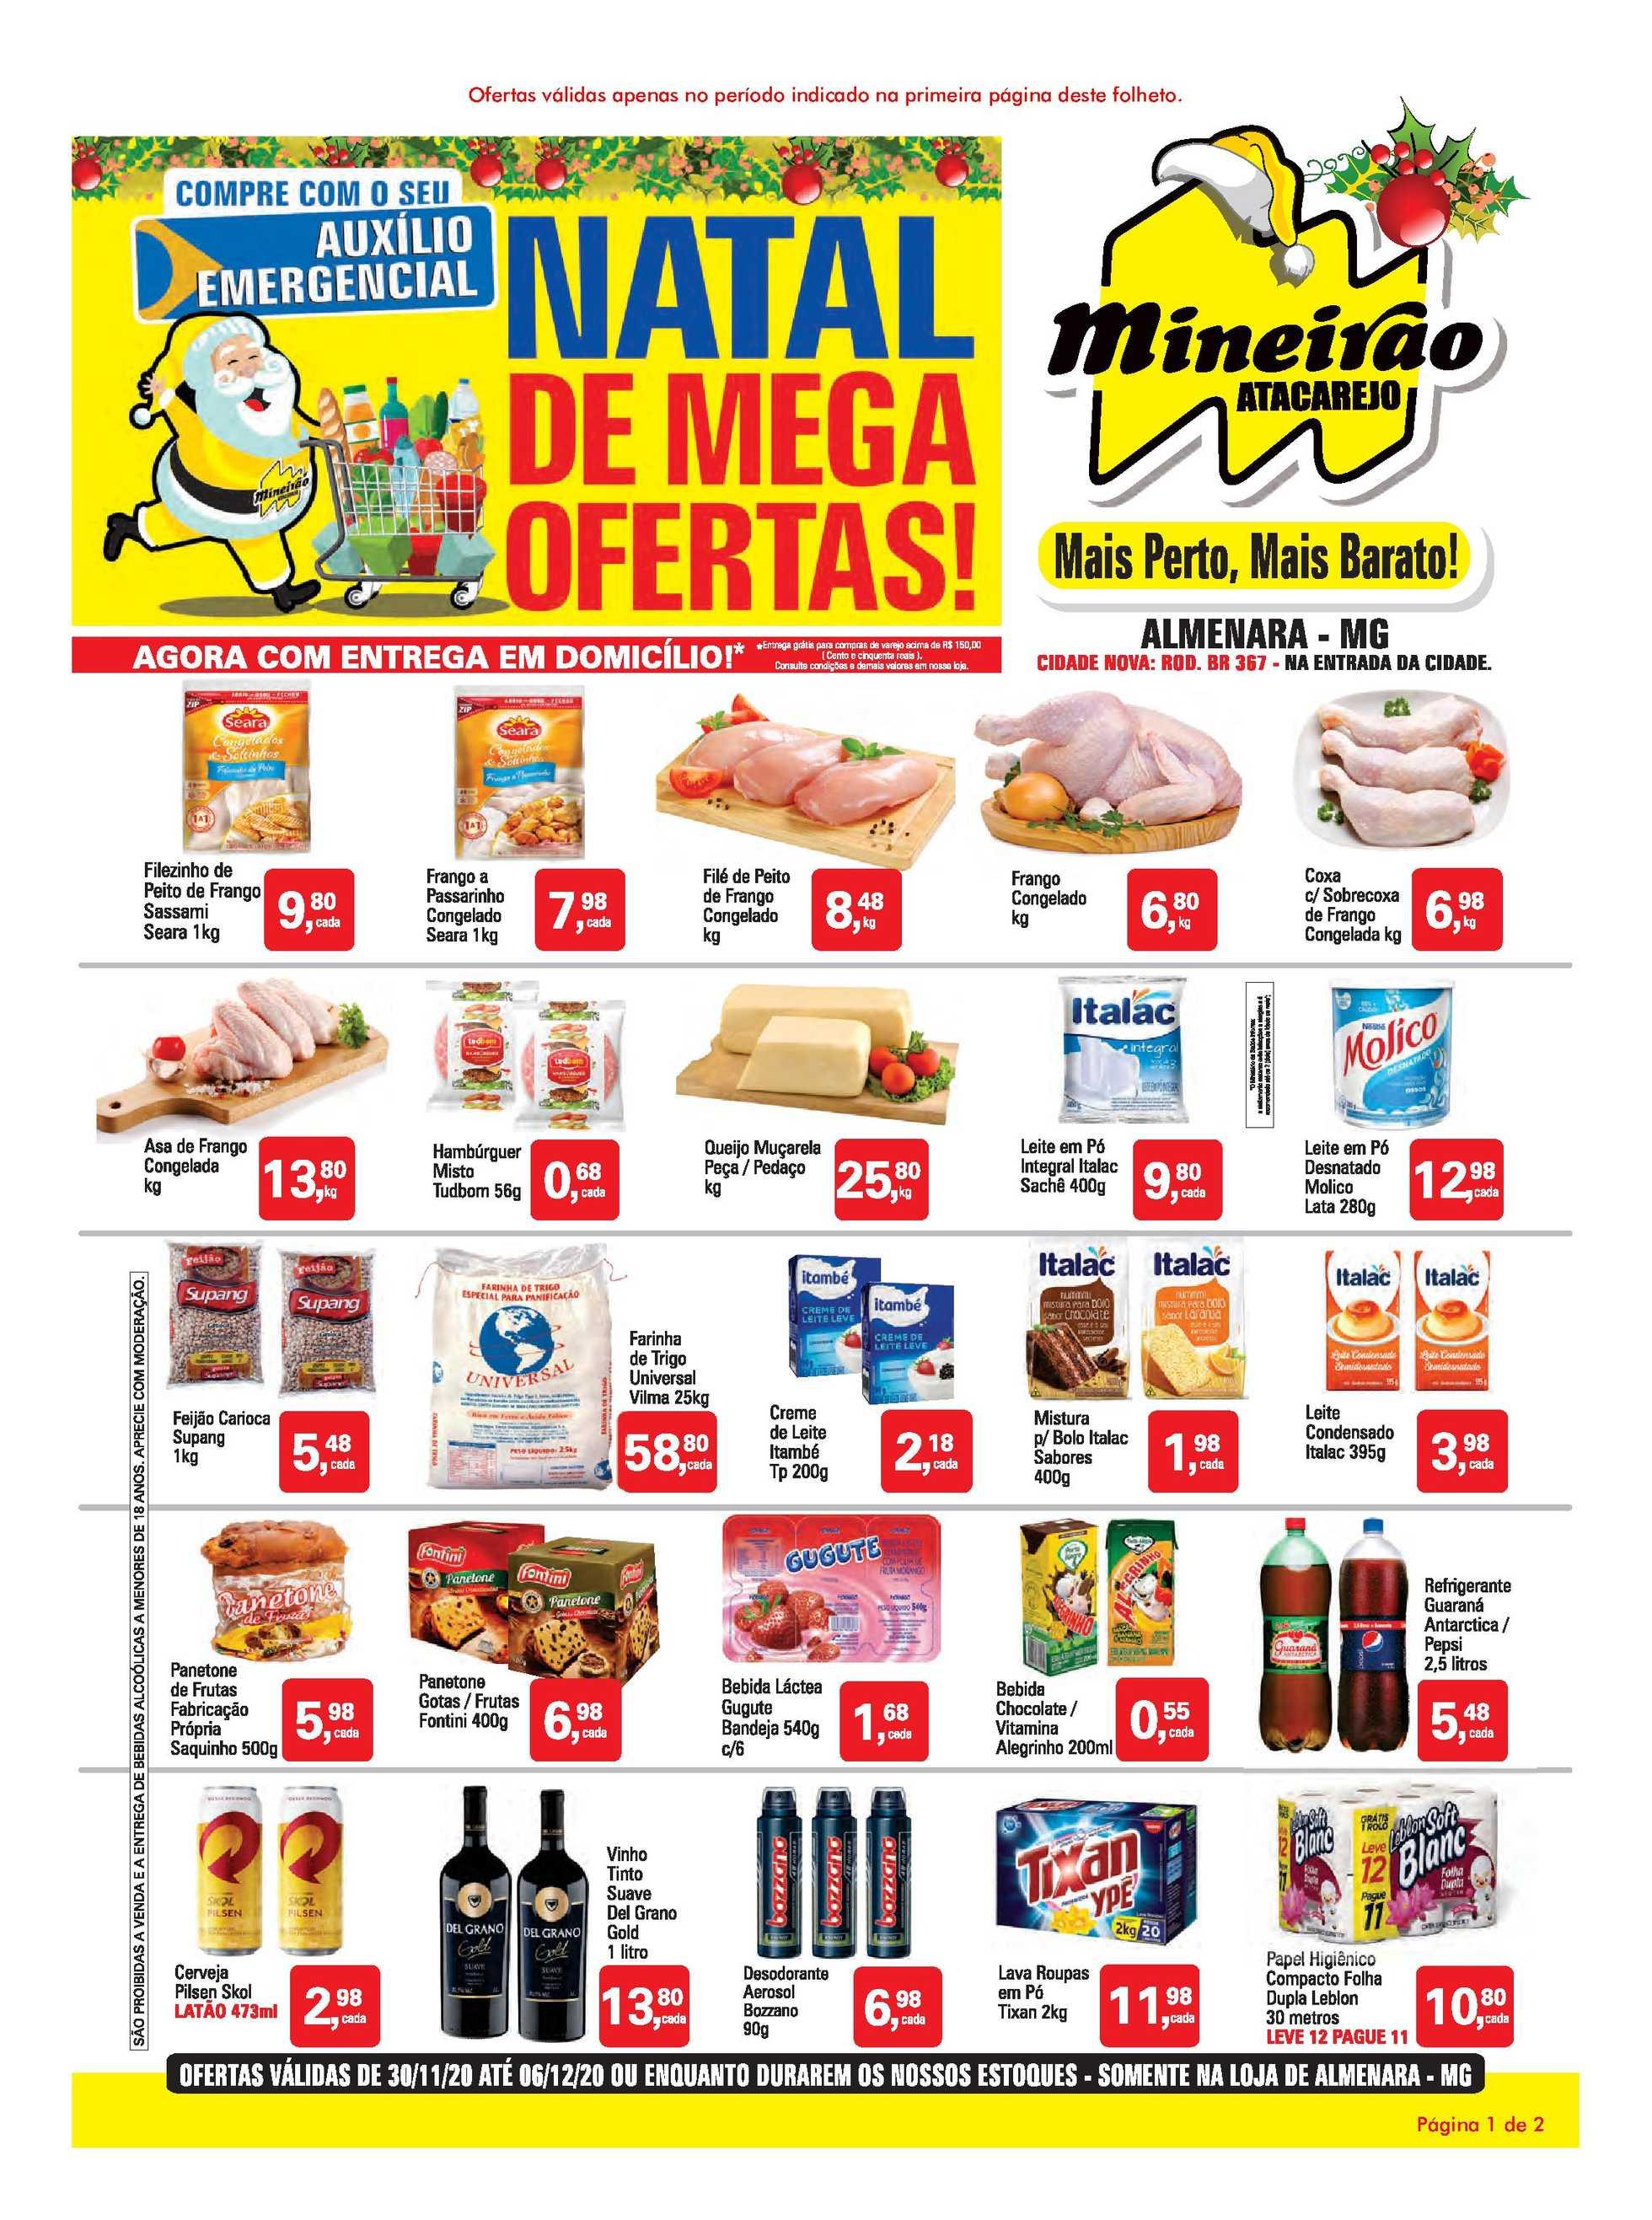 Mineirão Atacarejo - encarte válido de 30.11.2020 até 06.12.2020 - página 1.